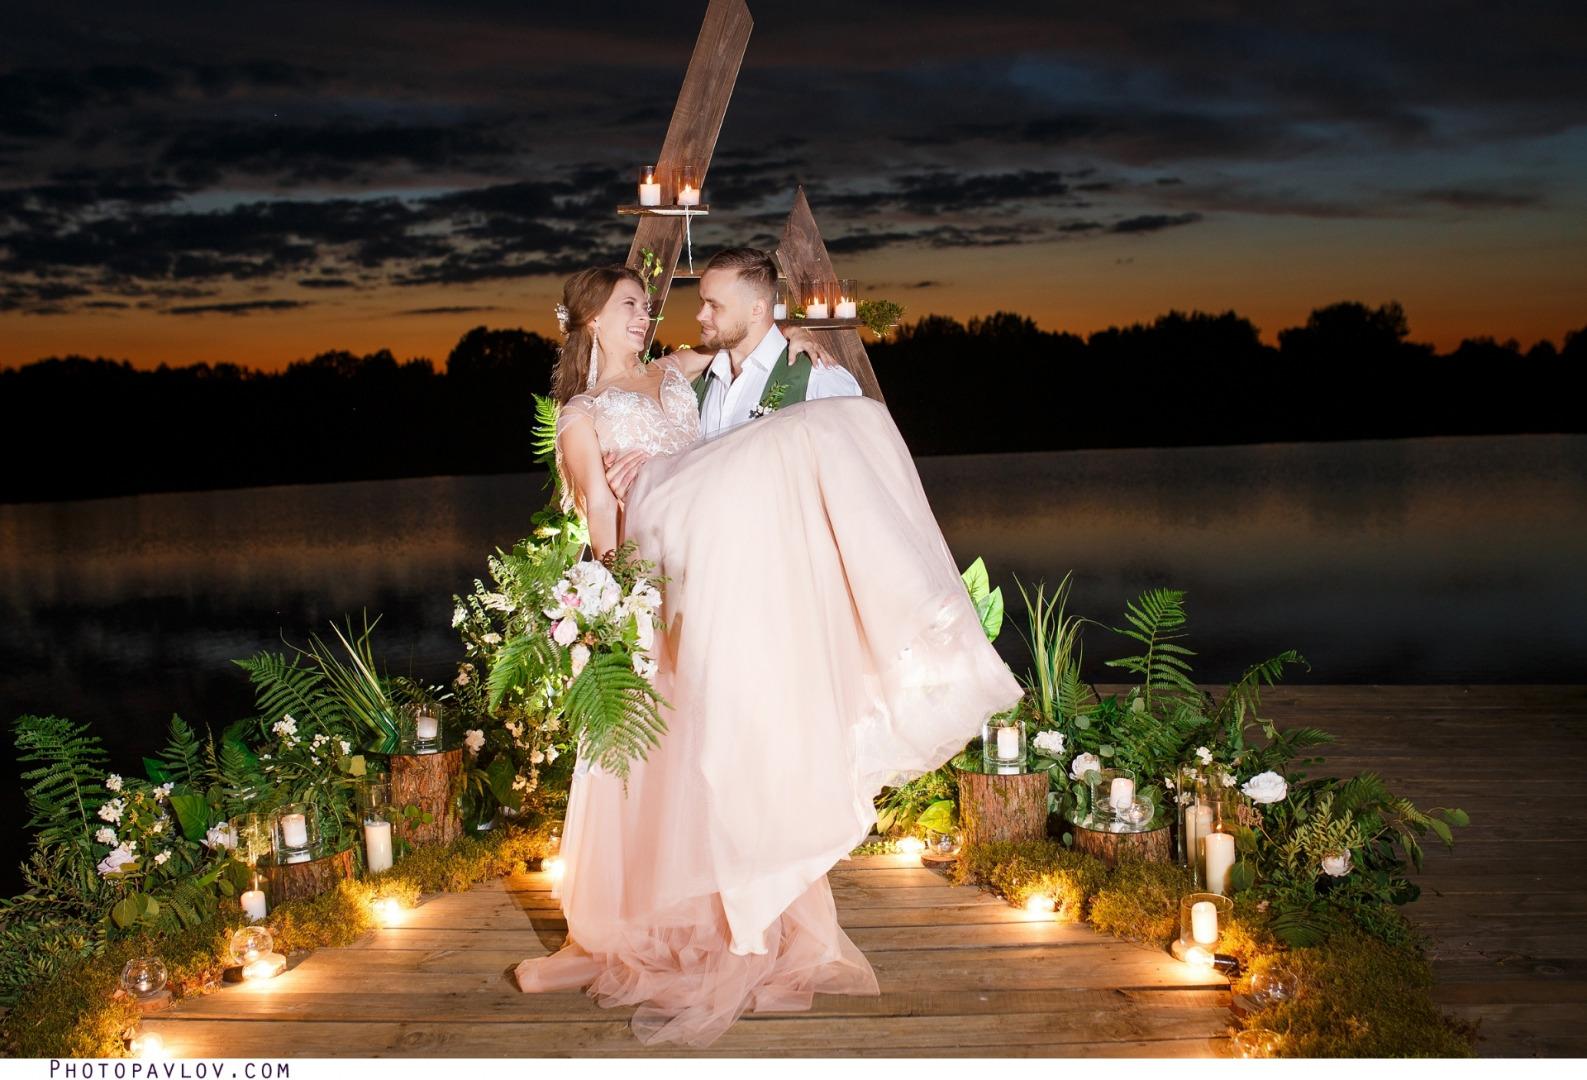 количество свадебные фотографы витебска всё оценка клинических